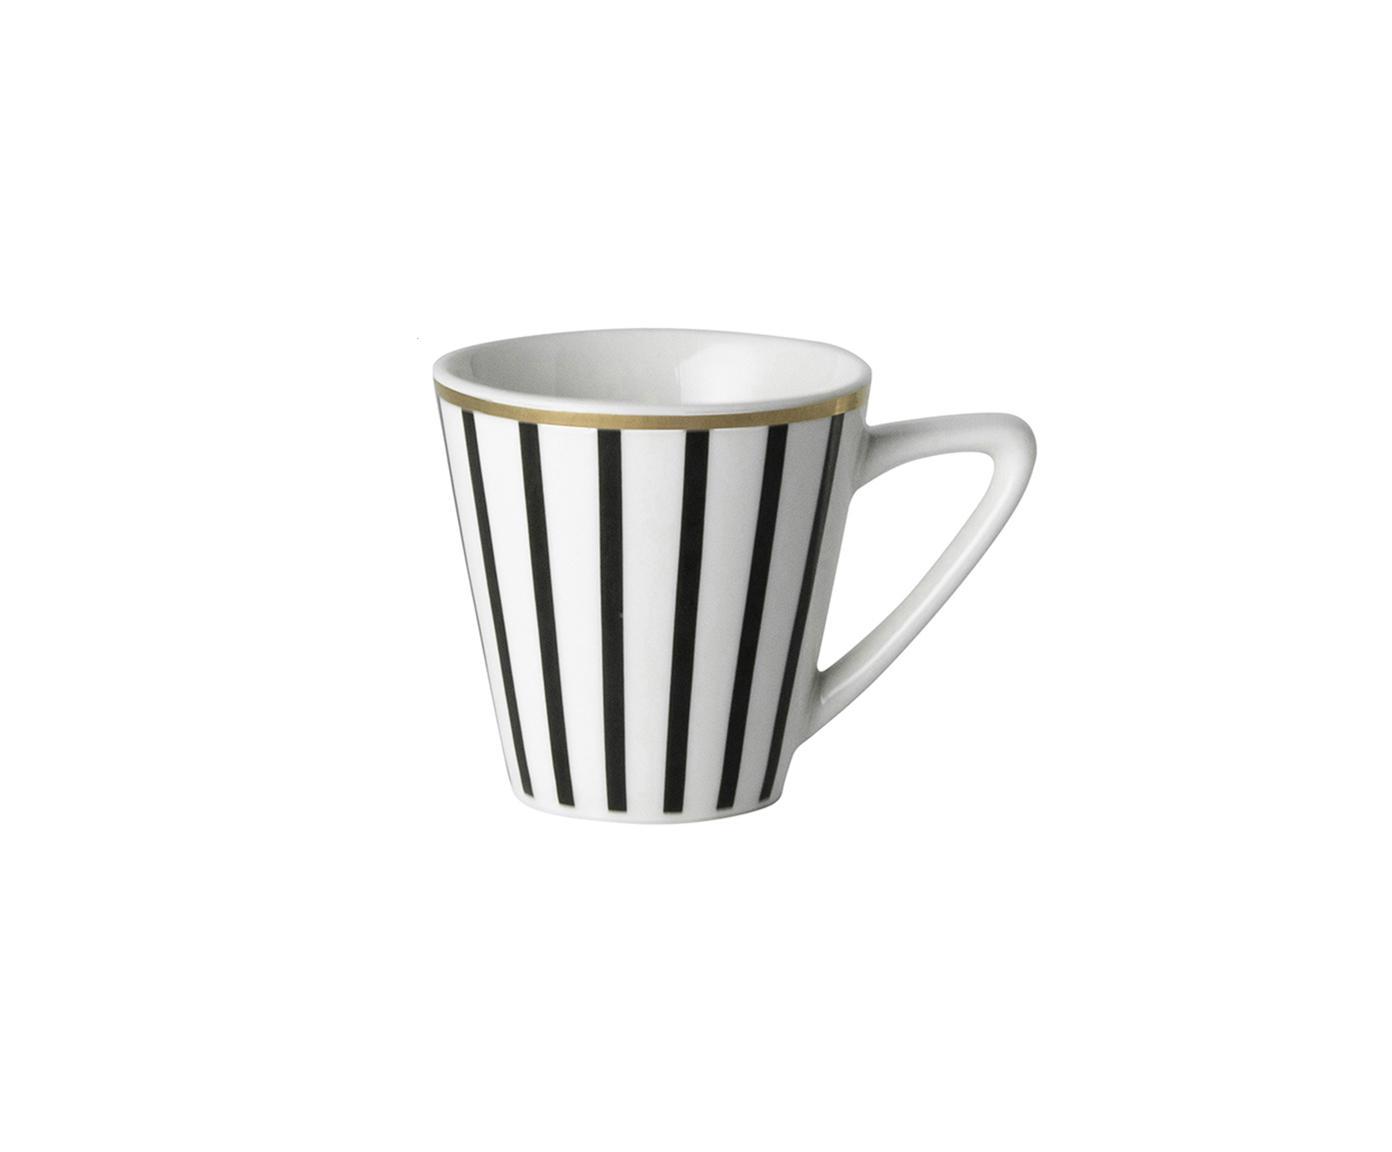 Espressotassen Pluto Loft mit Streifendekor und Goldrand, 4 Stück, Porzellan, Schwarz, Weiss, Goldfarben, Ø 6 x H 6 cm